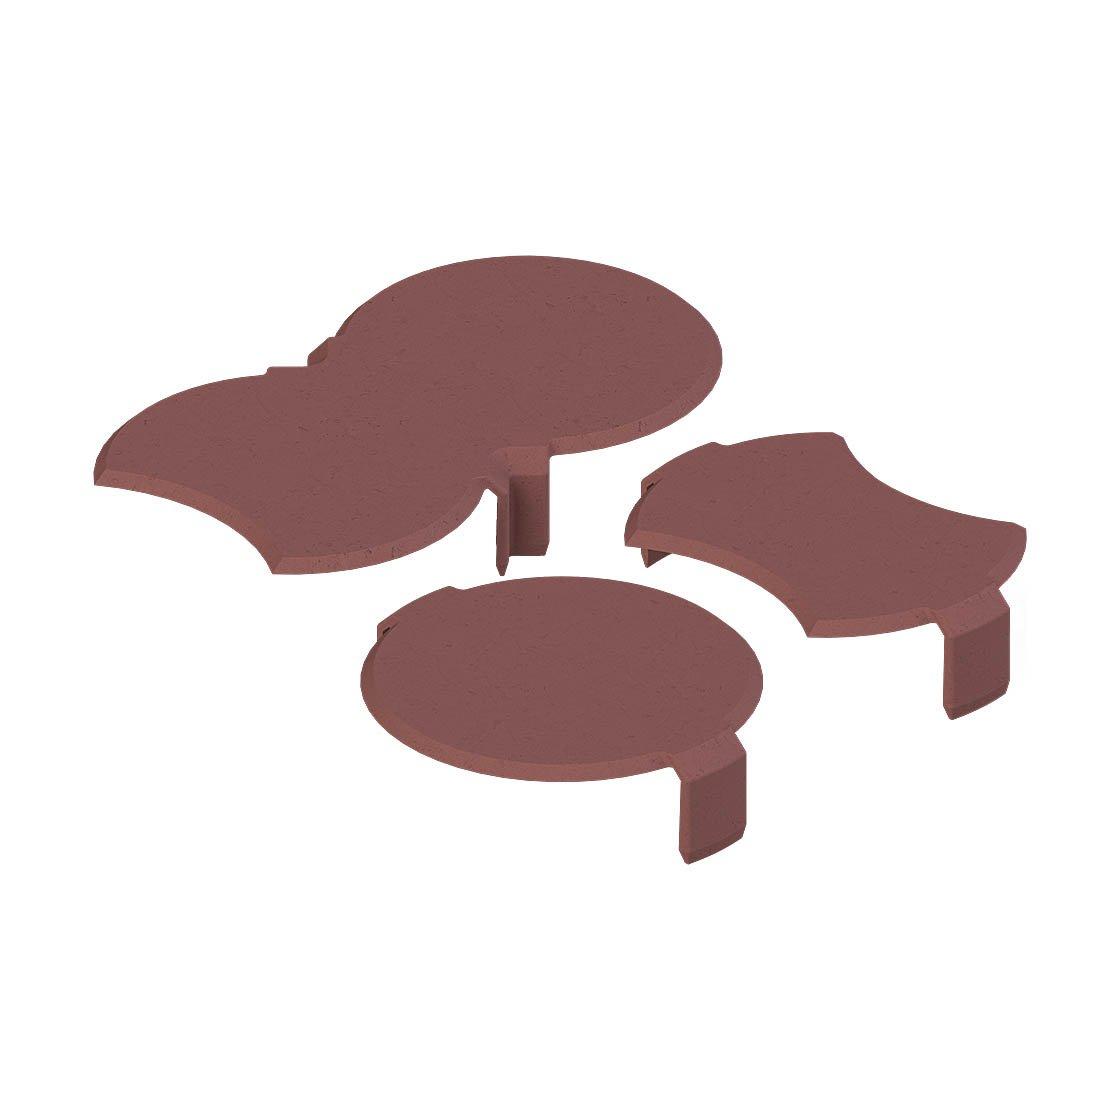 bio rasenkante schneckenbremse ziegelrot rasenkantensteine vor berkriechung durch schnecken. Black Bedroom Furniture Sets. Home Design Ideas